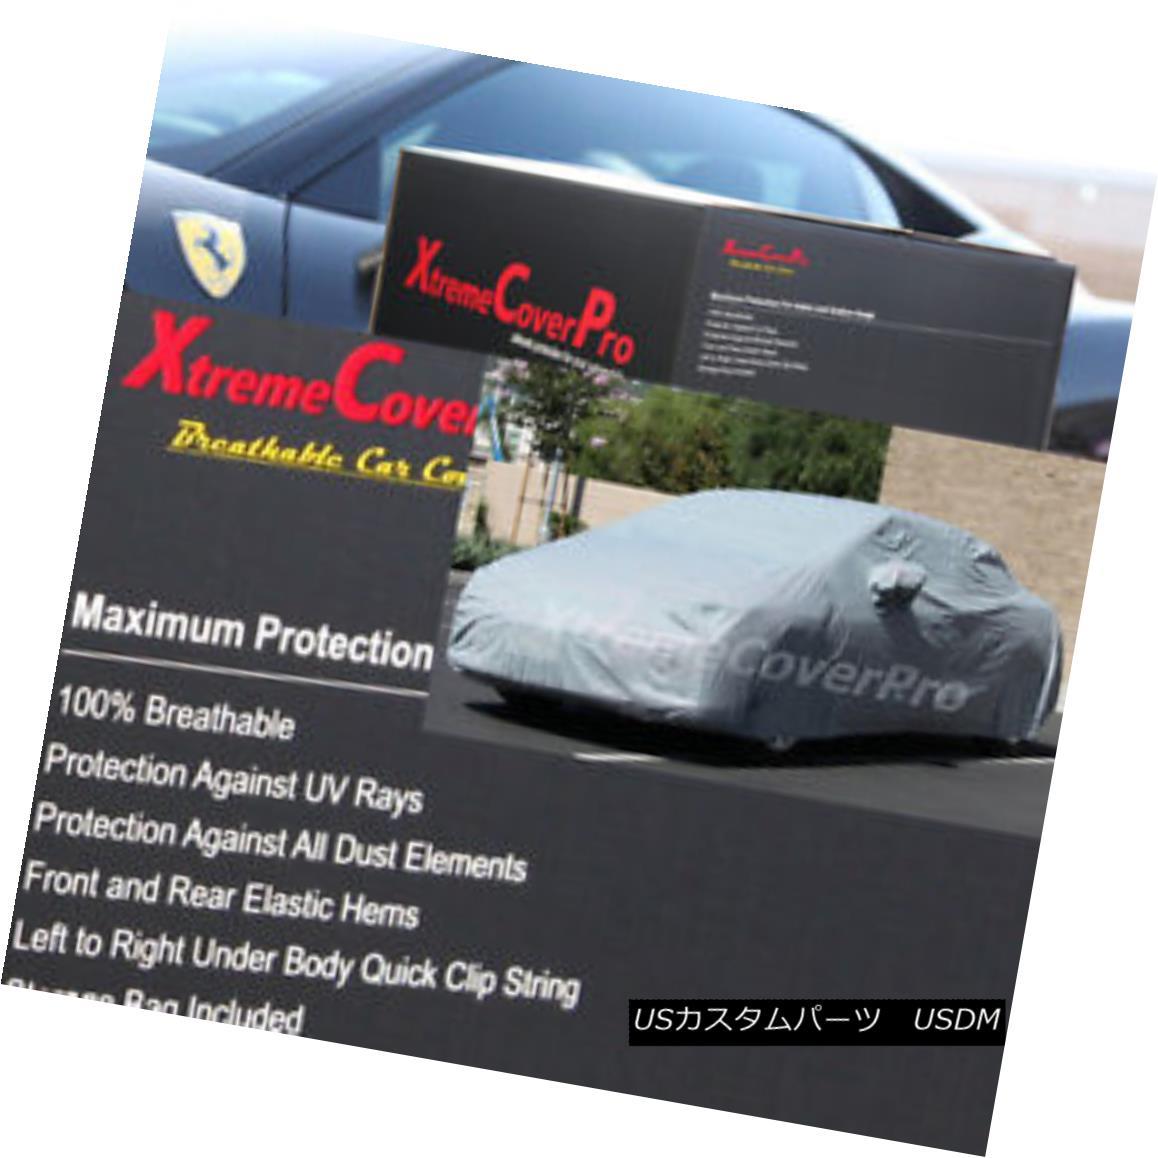 カーカバー 2015 PORSCHE 911 Carrera C2 C2S C4 C4S GTS Breathable Car Cover w/Mirror Pockets 2015ポルシェ911カレラC2 C2S C4 C4S GTS通気性のある車カバー付き/ミラーポケット